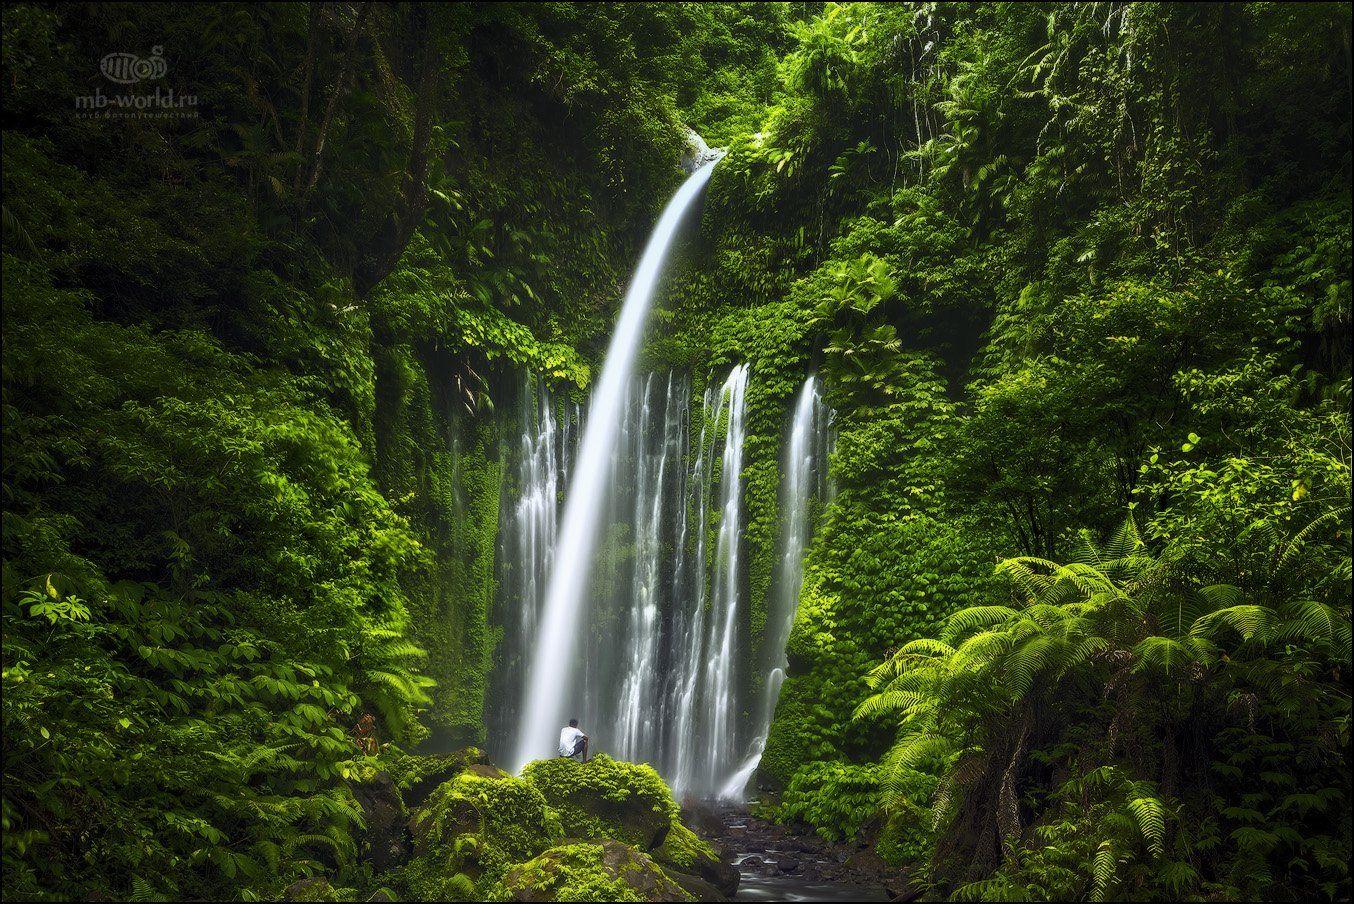 Индонезия, Ломбок, водопад, джунгли, природа, остров, Михаил Воробьев